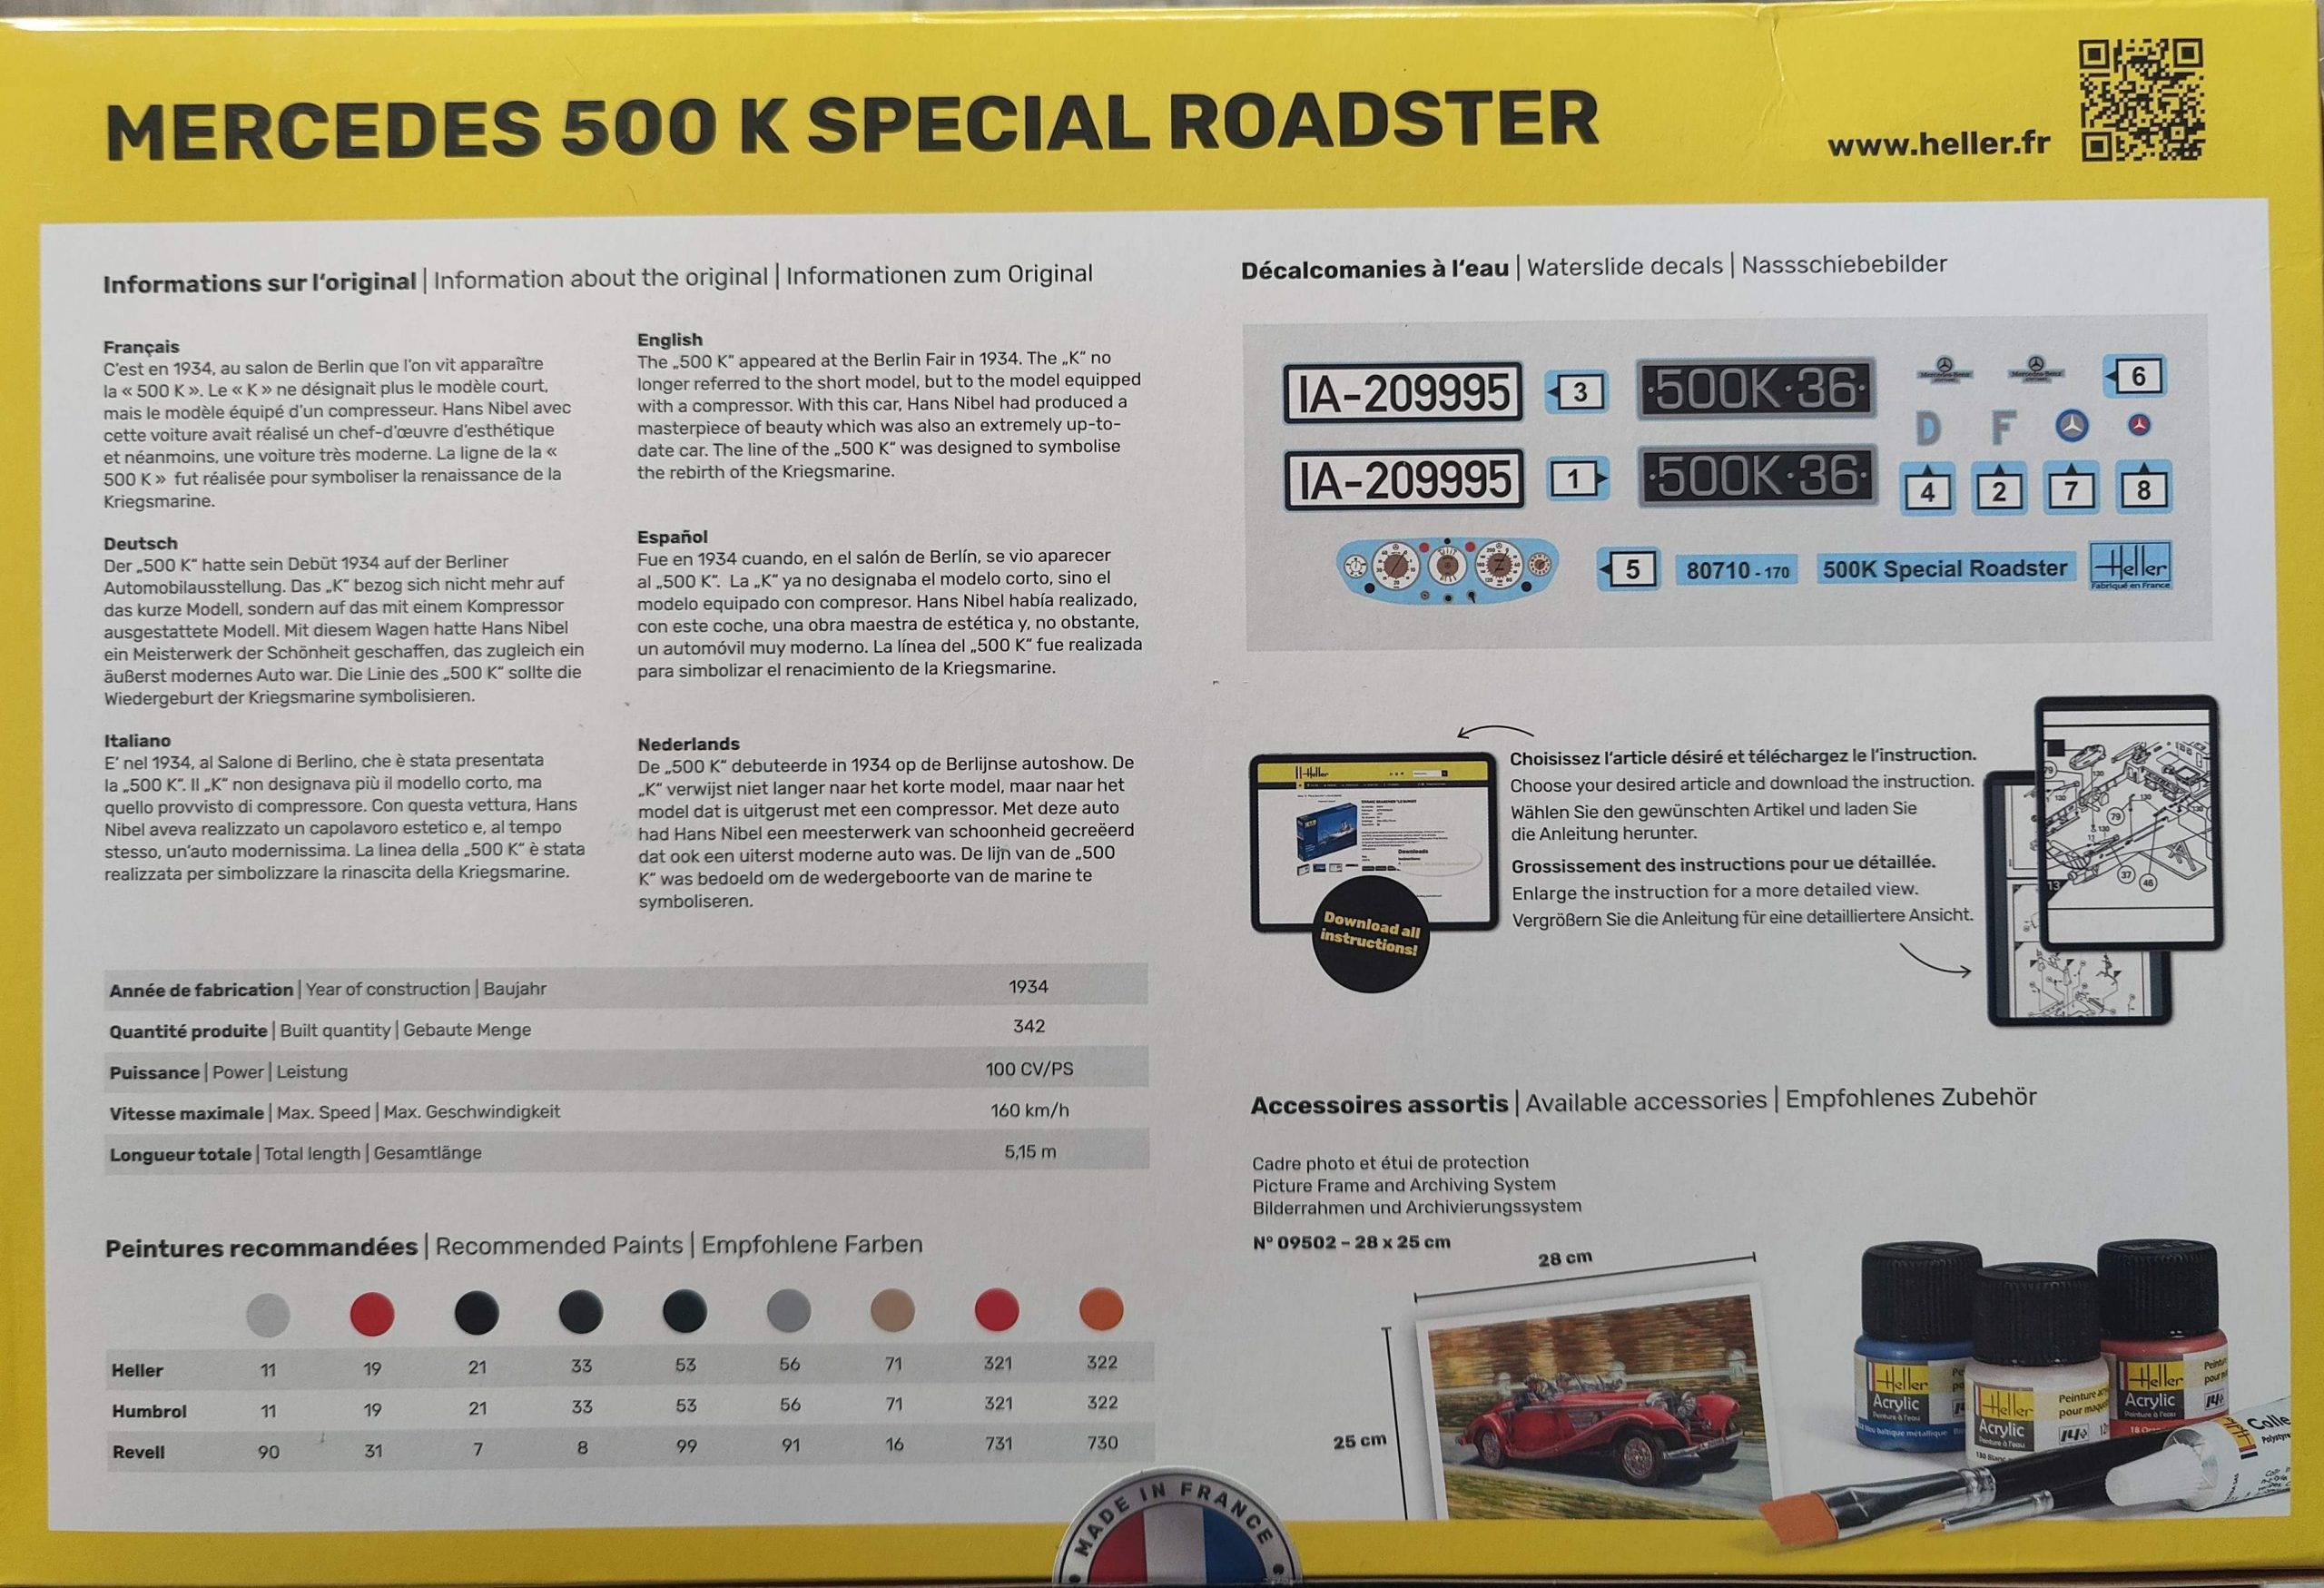 Heller_Mercedes500k09-scaled Mercedes 500K Special Roadster in 1:24 von Heller